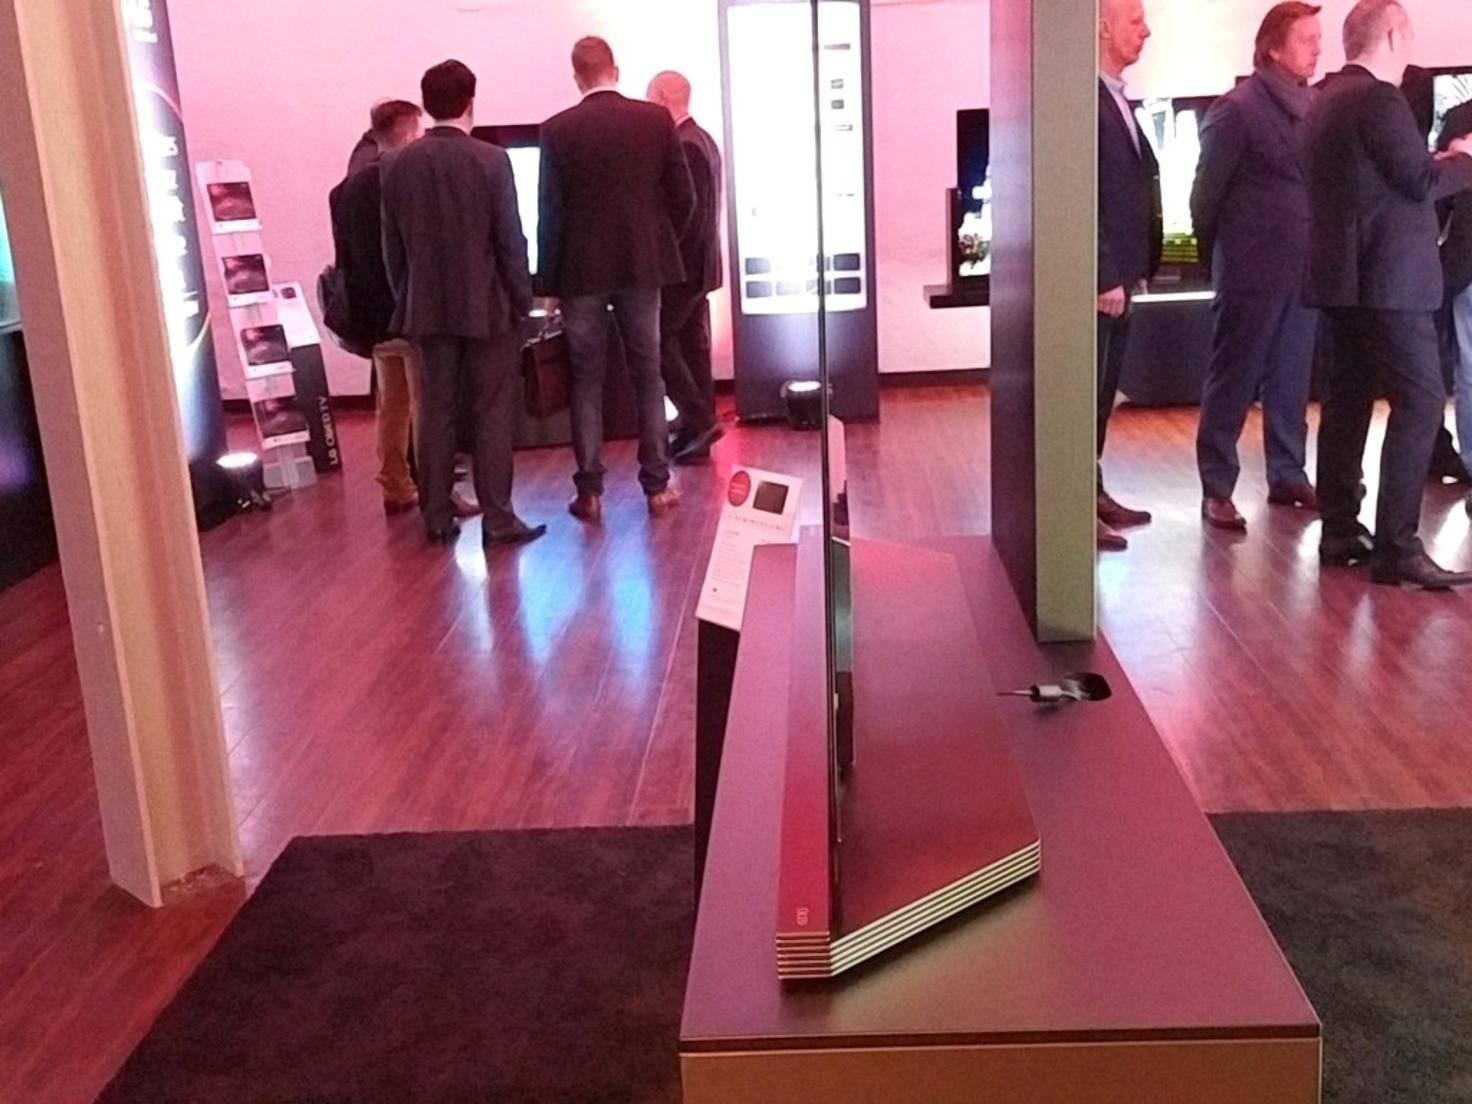 Seitlich betrachtet wirkt das 2,57 Millimeter dicke Display wie ein schwarzer Strich im Raum.